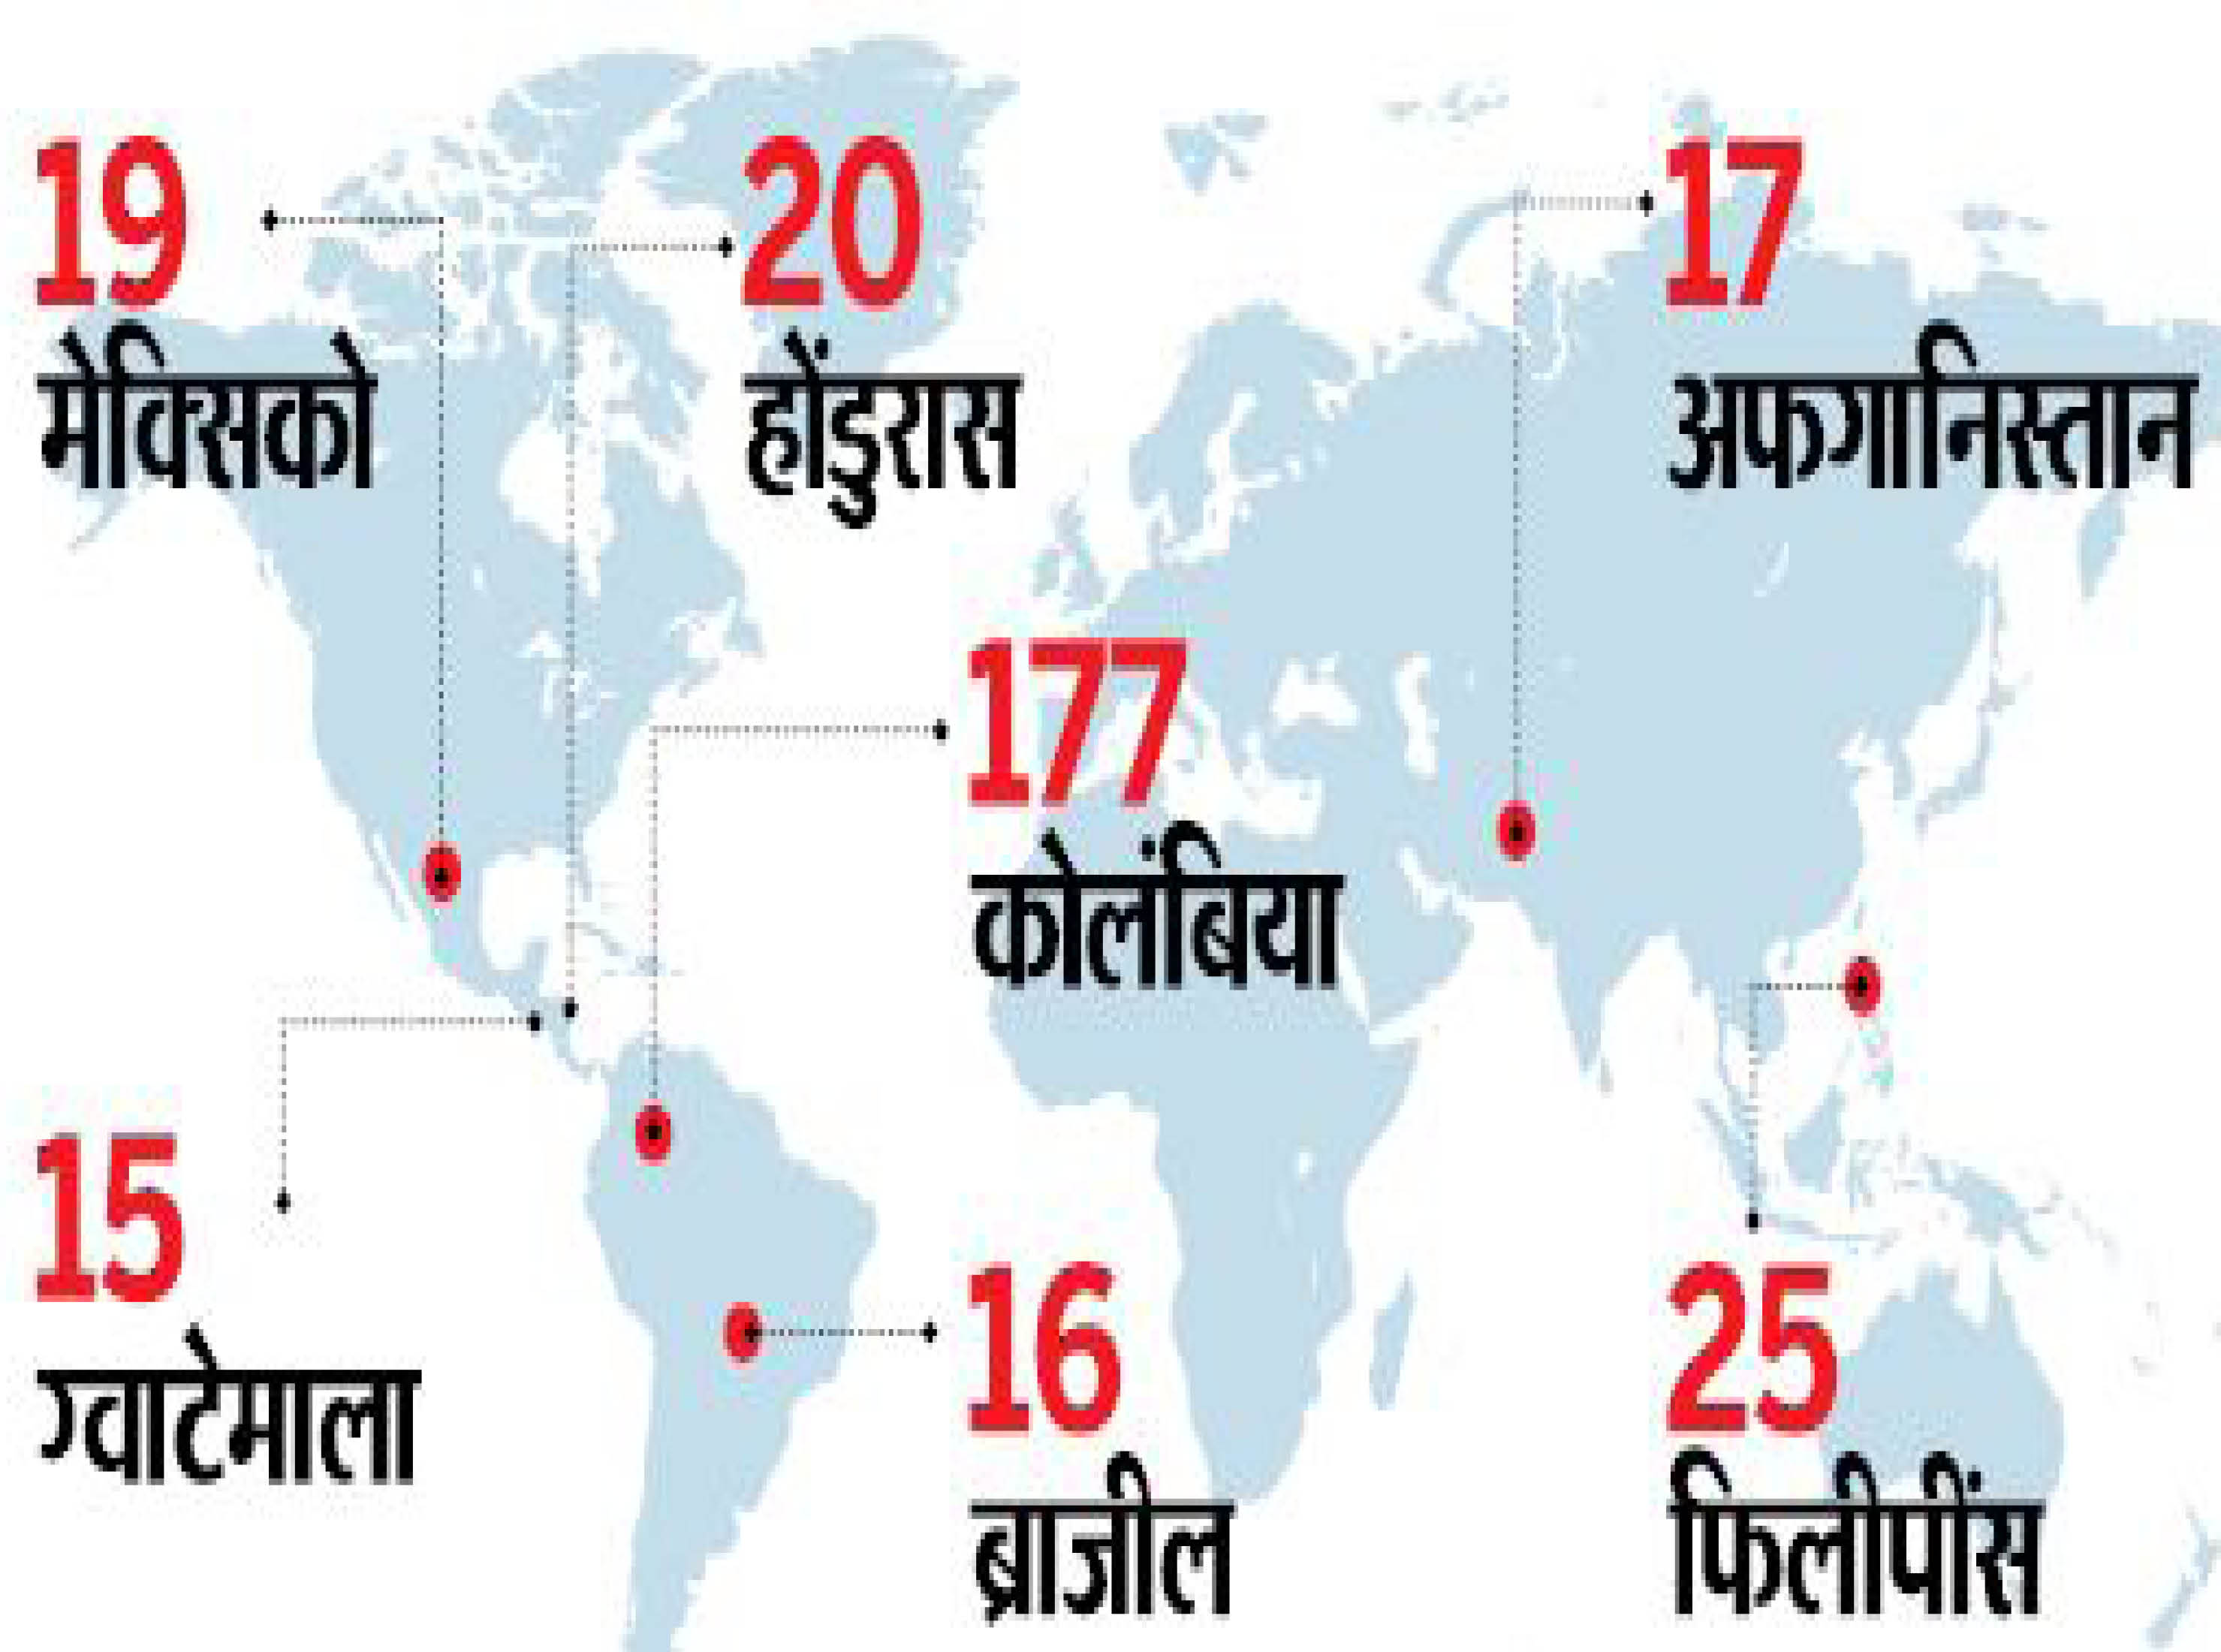 इनके अलावा इराक-8, पेरू-8 और भारत-6 भी शीर्ष-10 देशों में शामिल।